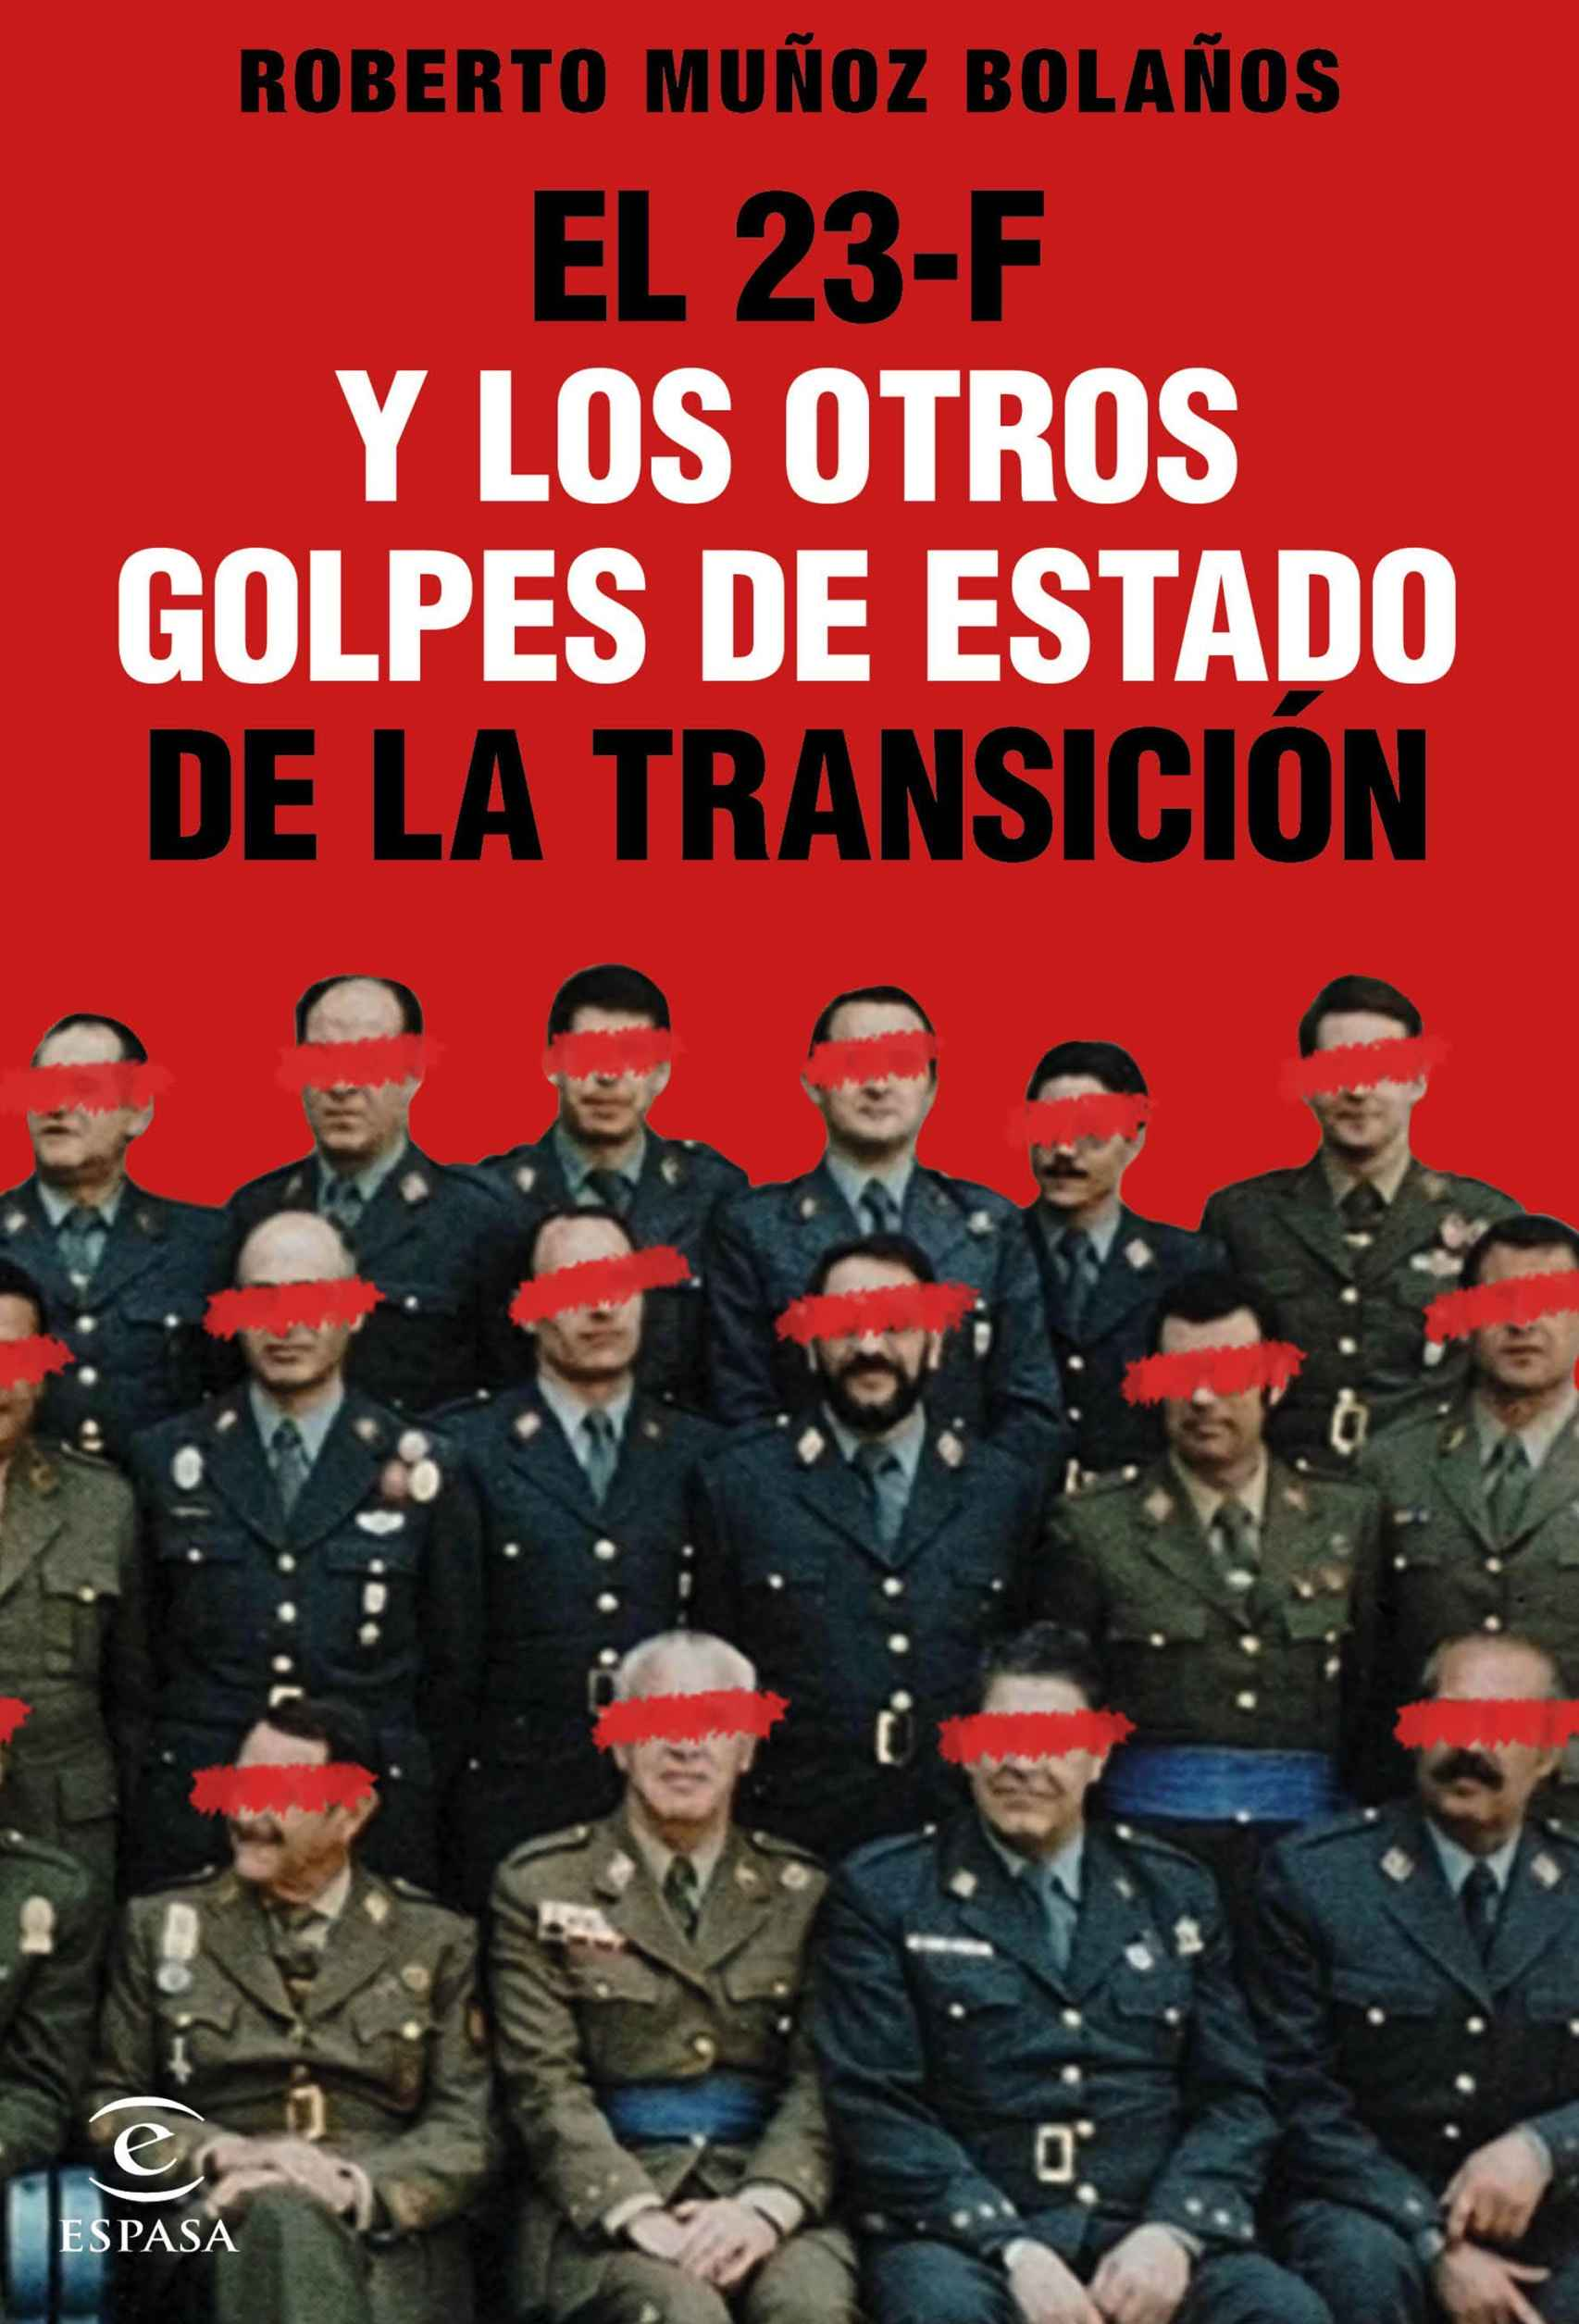 Portada del libro de Muñoz Bolaños.